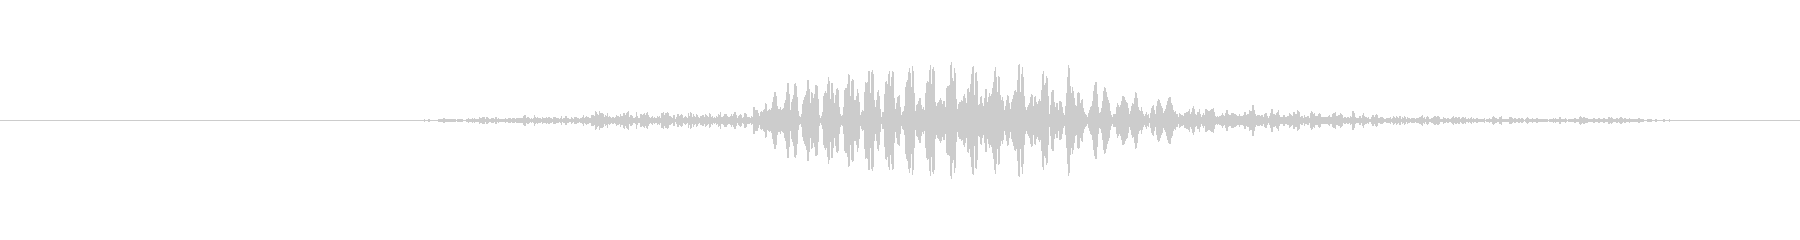 鳴き声 男性のため息02の未再生の波形